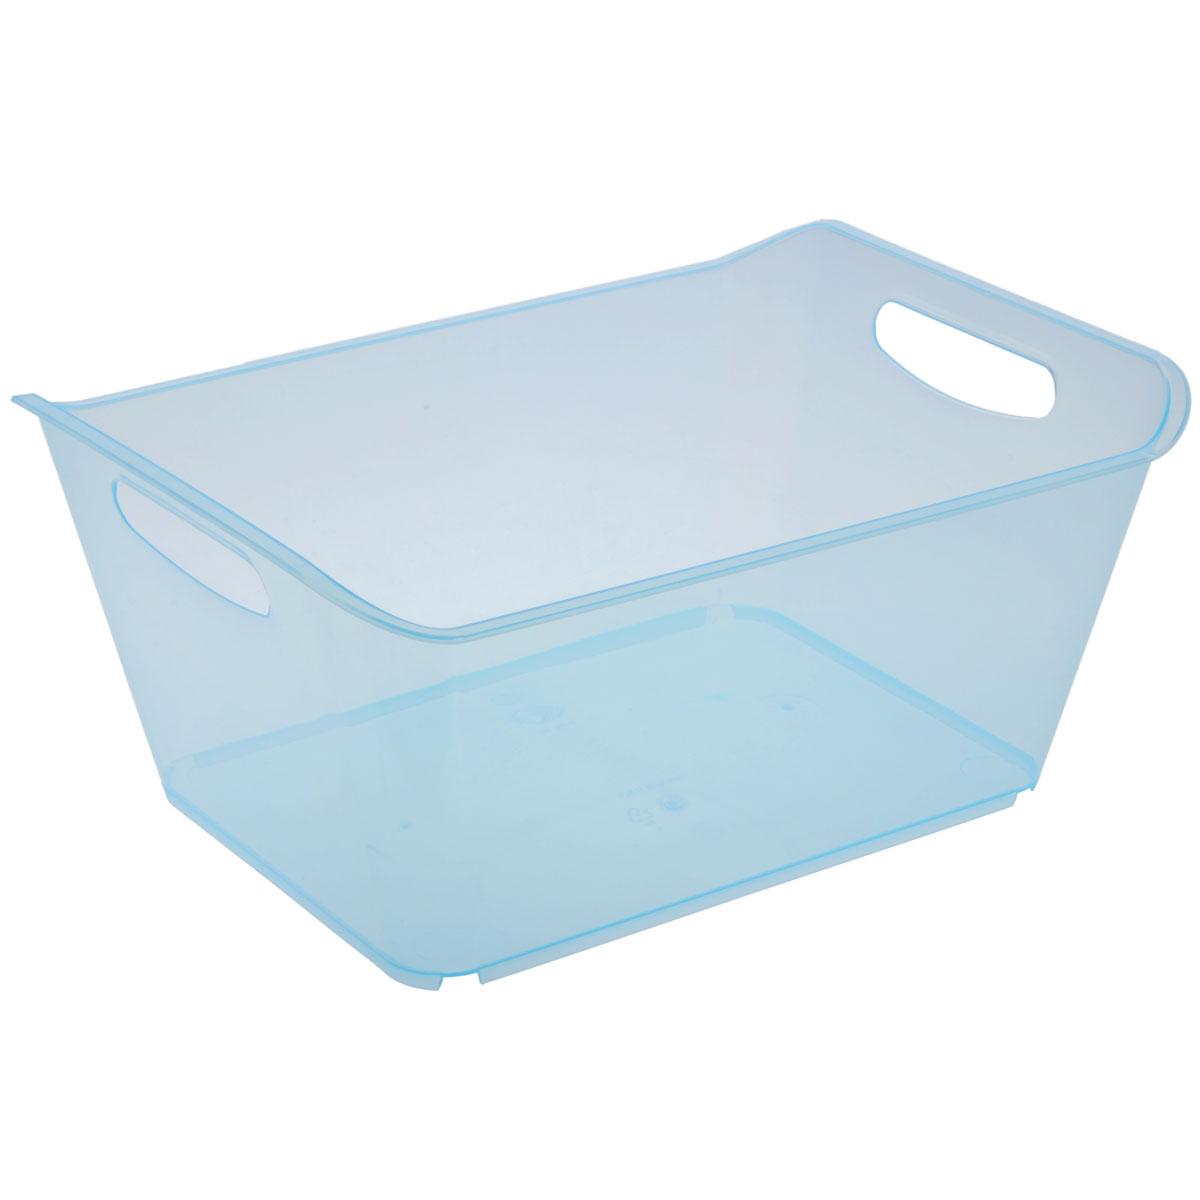 Контейнер Gensini, цвет: голубой, 18 л3333_голубойКонтейнер Gensini выполнен из прочного пластика. Он предназначен для хранения различных мелких вещей в ванной, на кухне, даче или гараже, исключая возможность их потери. По бокам контейнера предусмотрены две удобные ручки для его переноски. Контейнер поможет хранить все в одном месте, а также защитить вещи от пыли, грязи и влаги. Объем: 18 л.